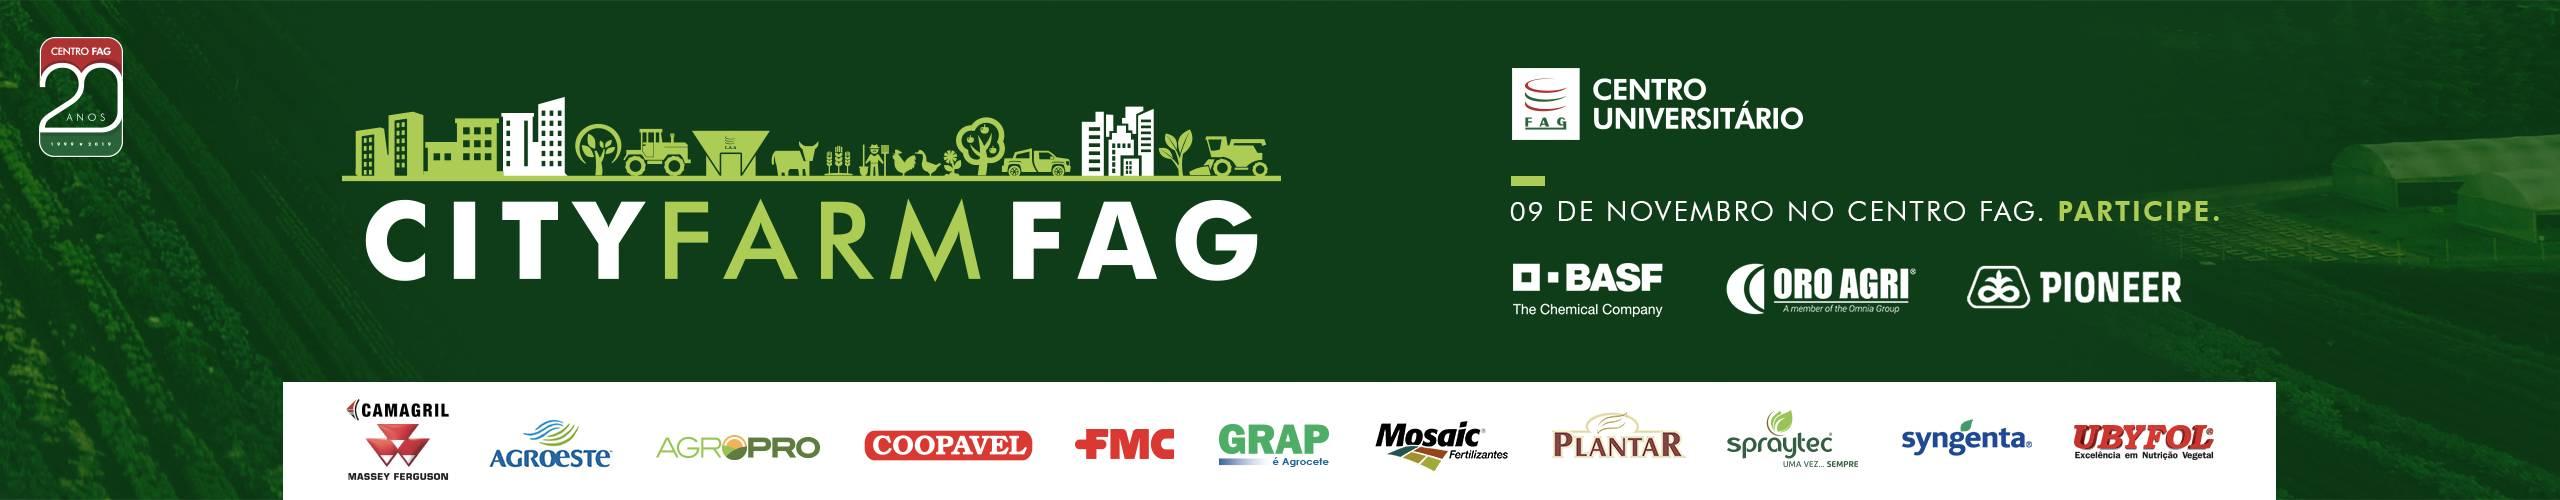 City Farm FAG